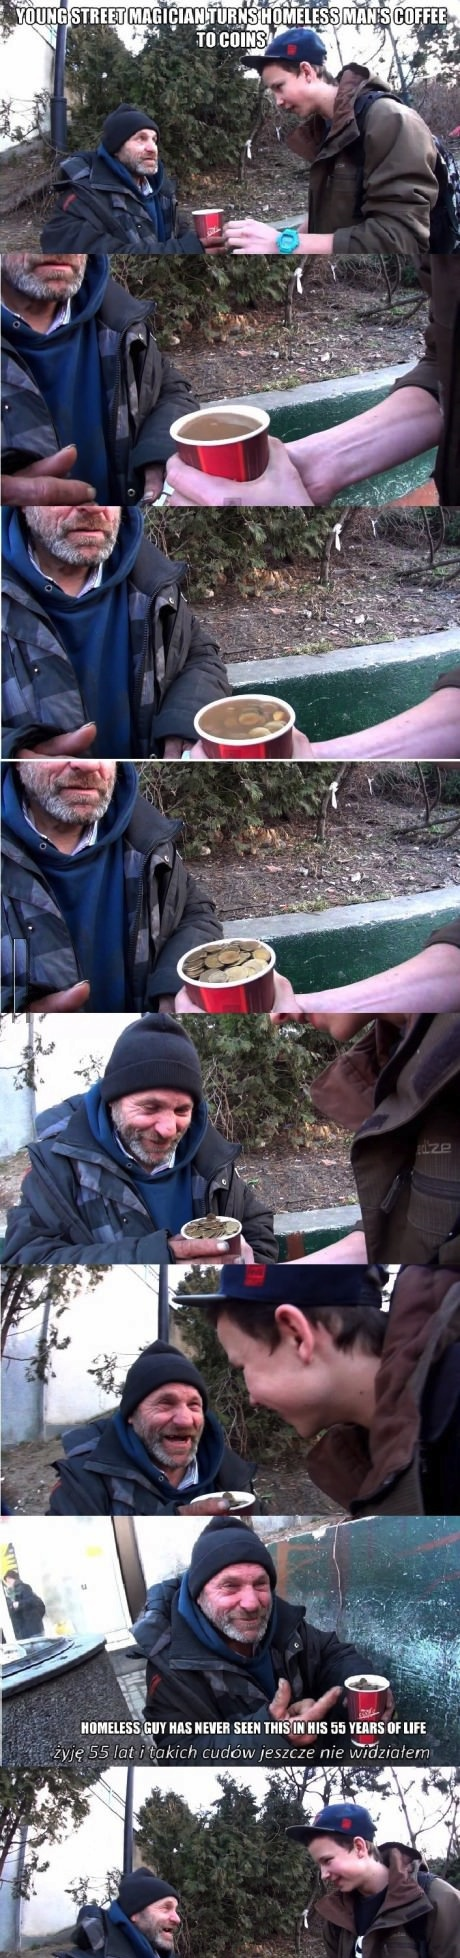 homeless man coins